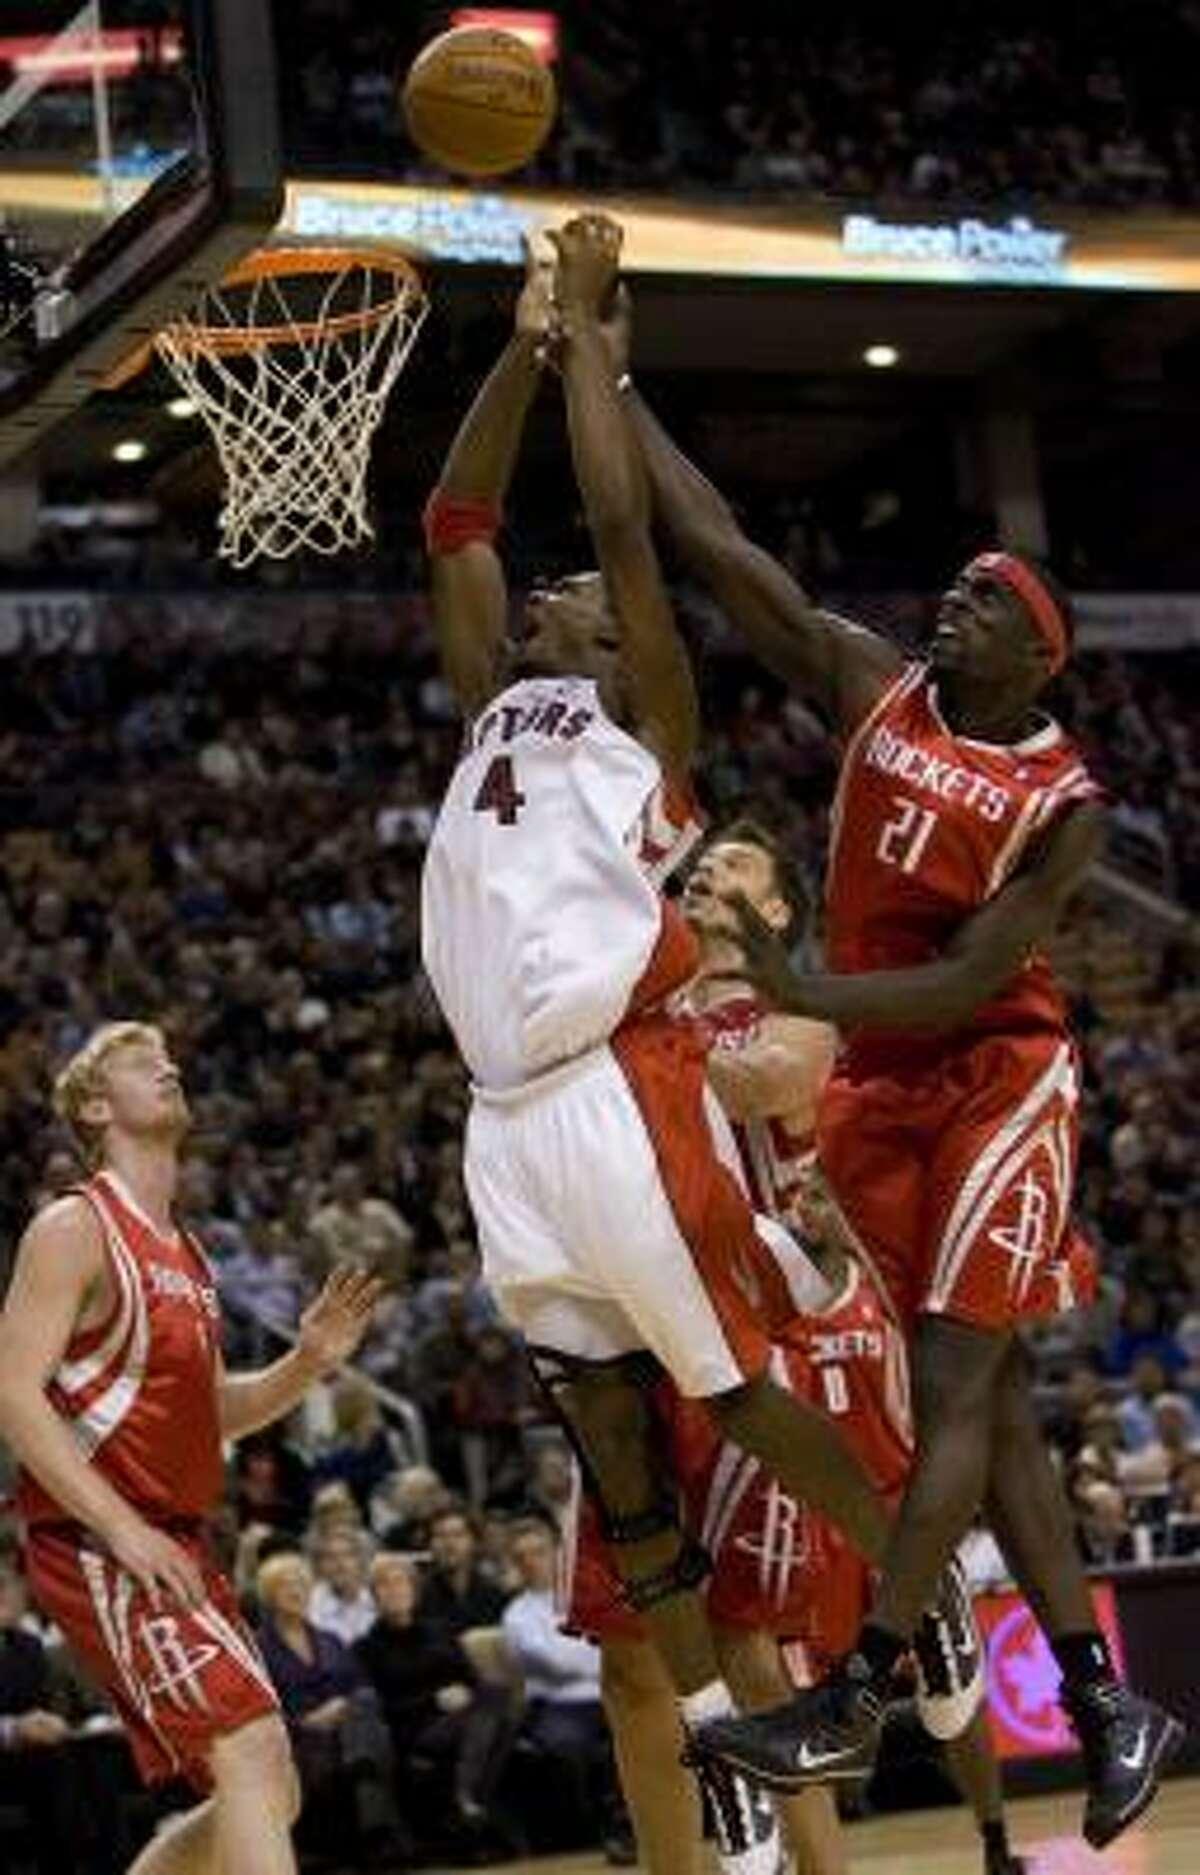 Raptors' Chris Bosh (4) jumps for a rebound with Rockets' Pops Mensah-Bonsu (21) as Rockets' Chase Budinger, left, looks on.